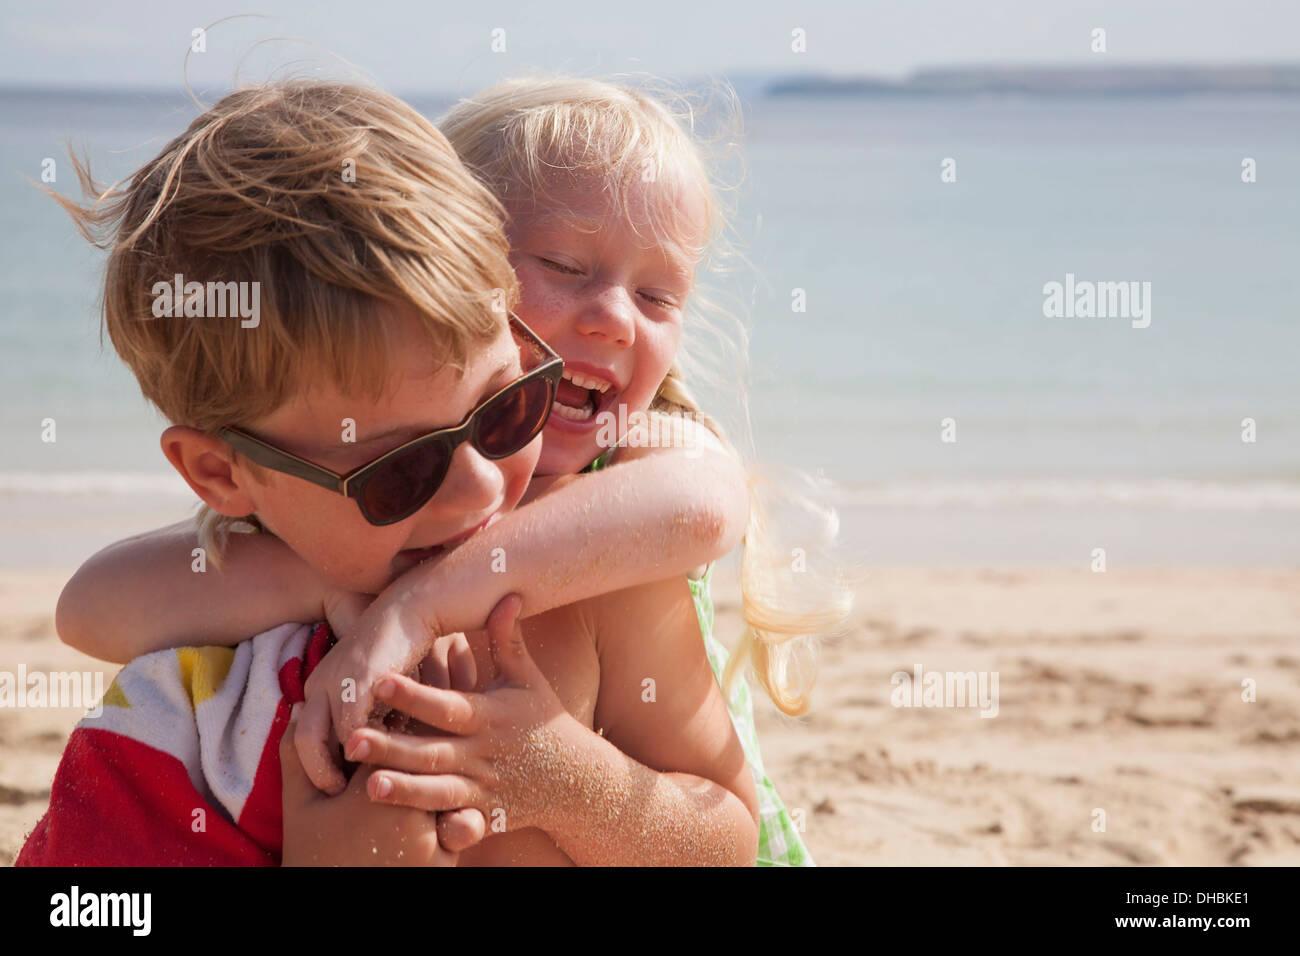 Un hermano y una hermana jugar combates en la playa. Un chico con gafas de sol y una joven chica con sus brazos alrededor de su cuello. Imagen De Stock